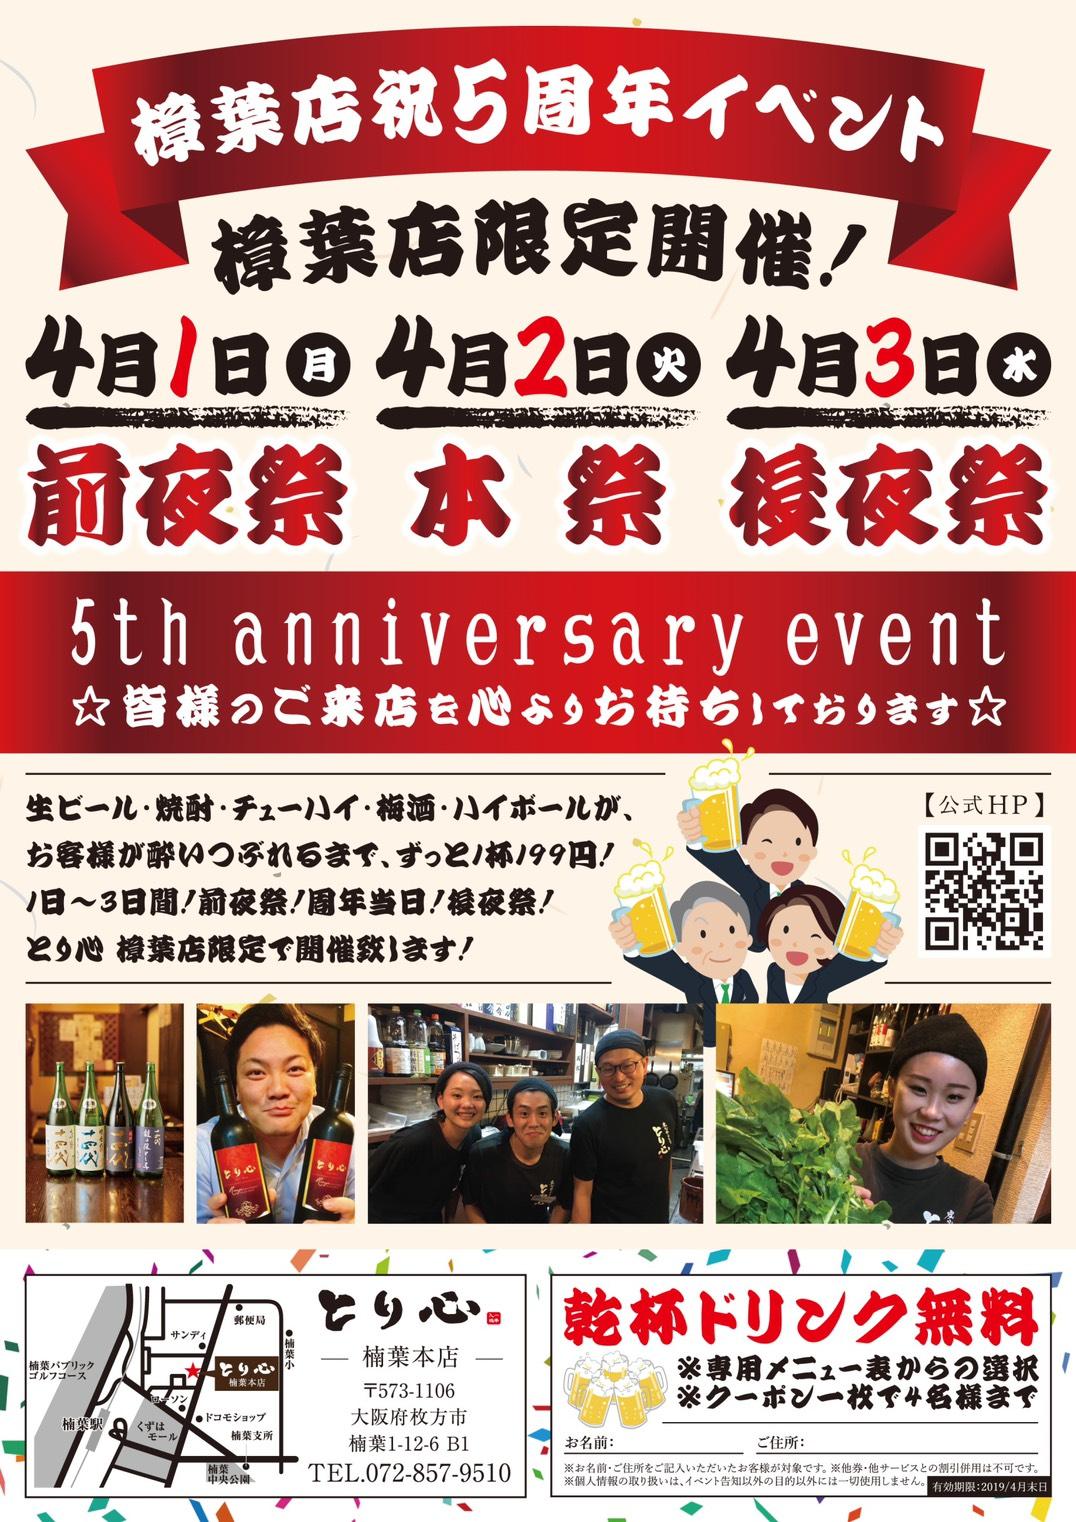 とり心 樟葉店5周年記念イベント開催